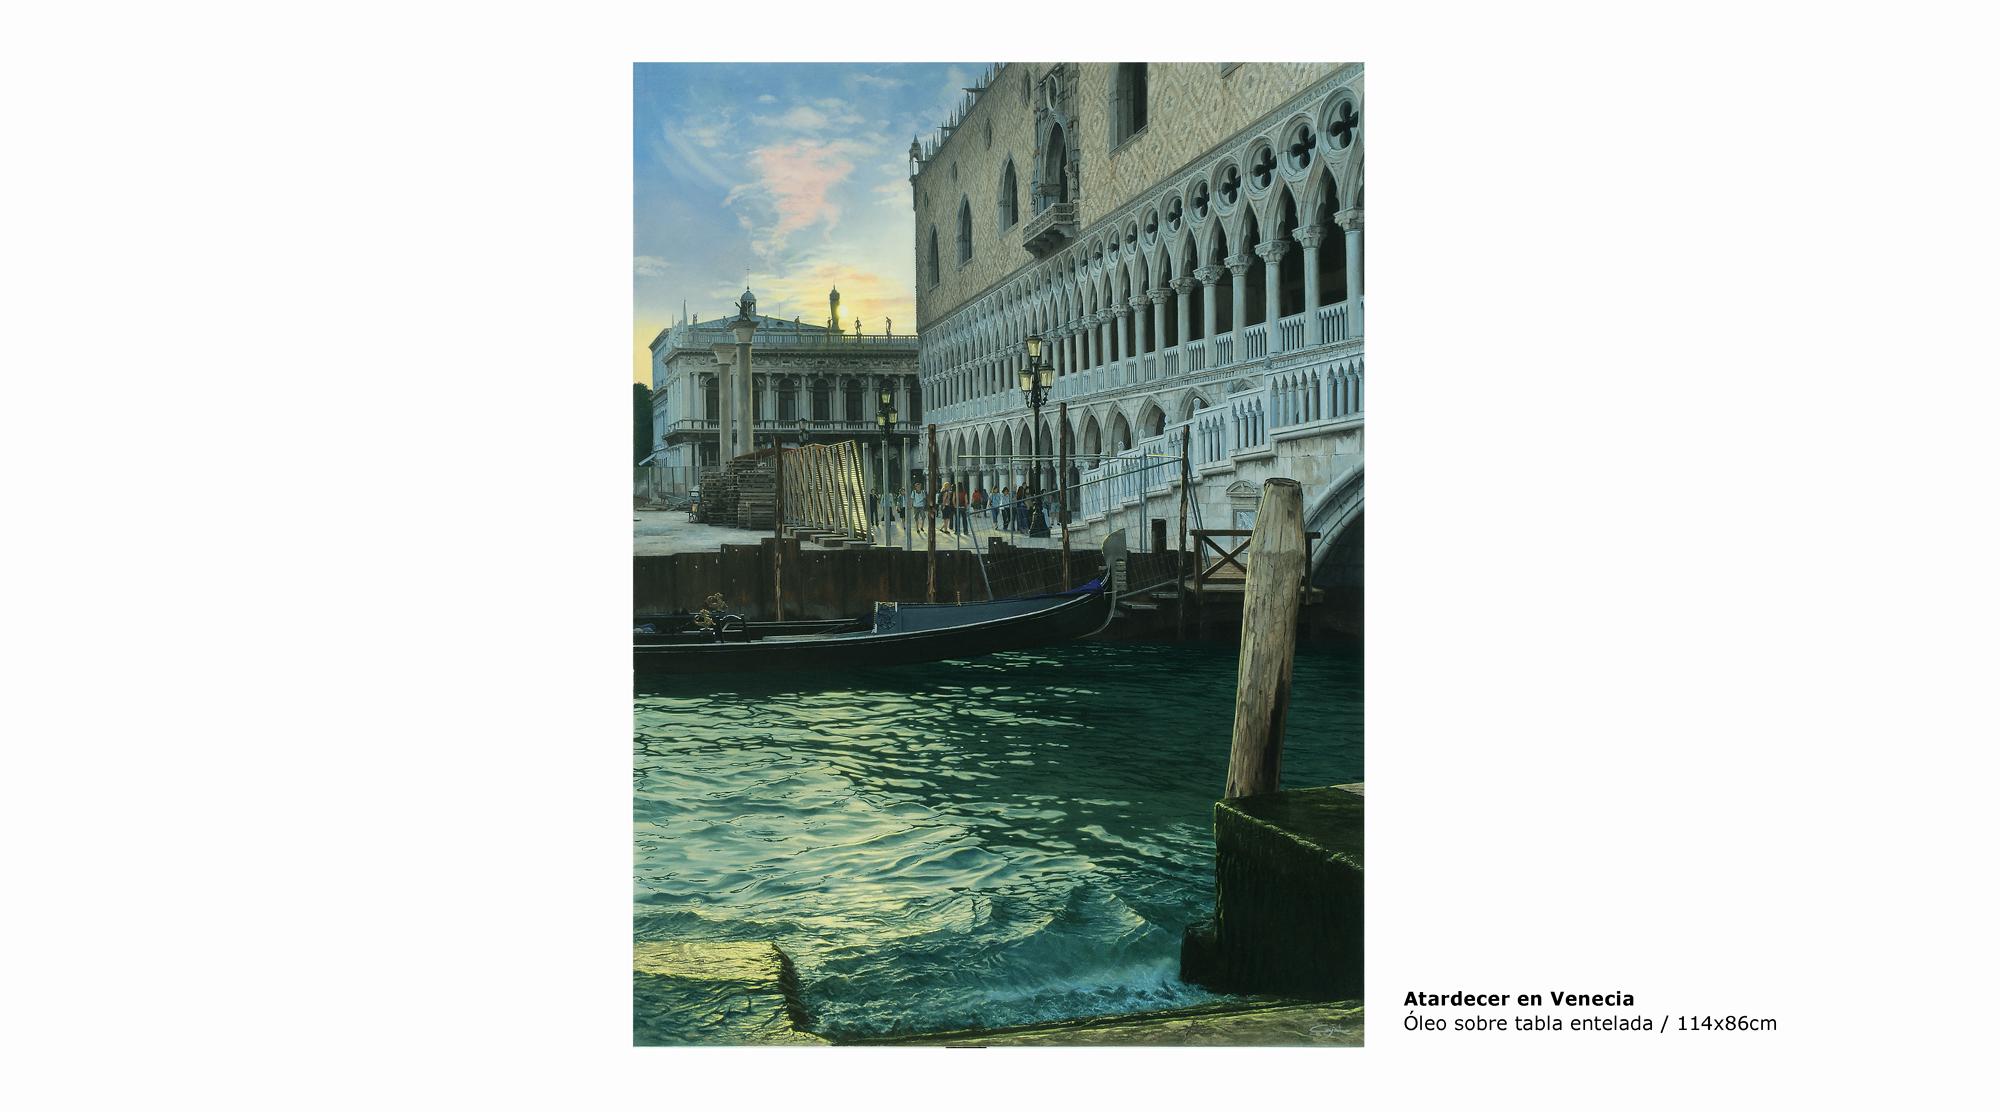 Detalle Atardecer en Venecia